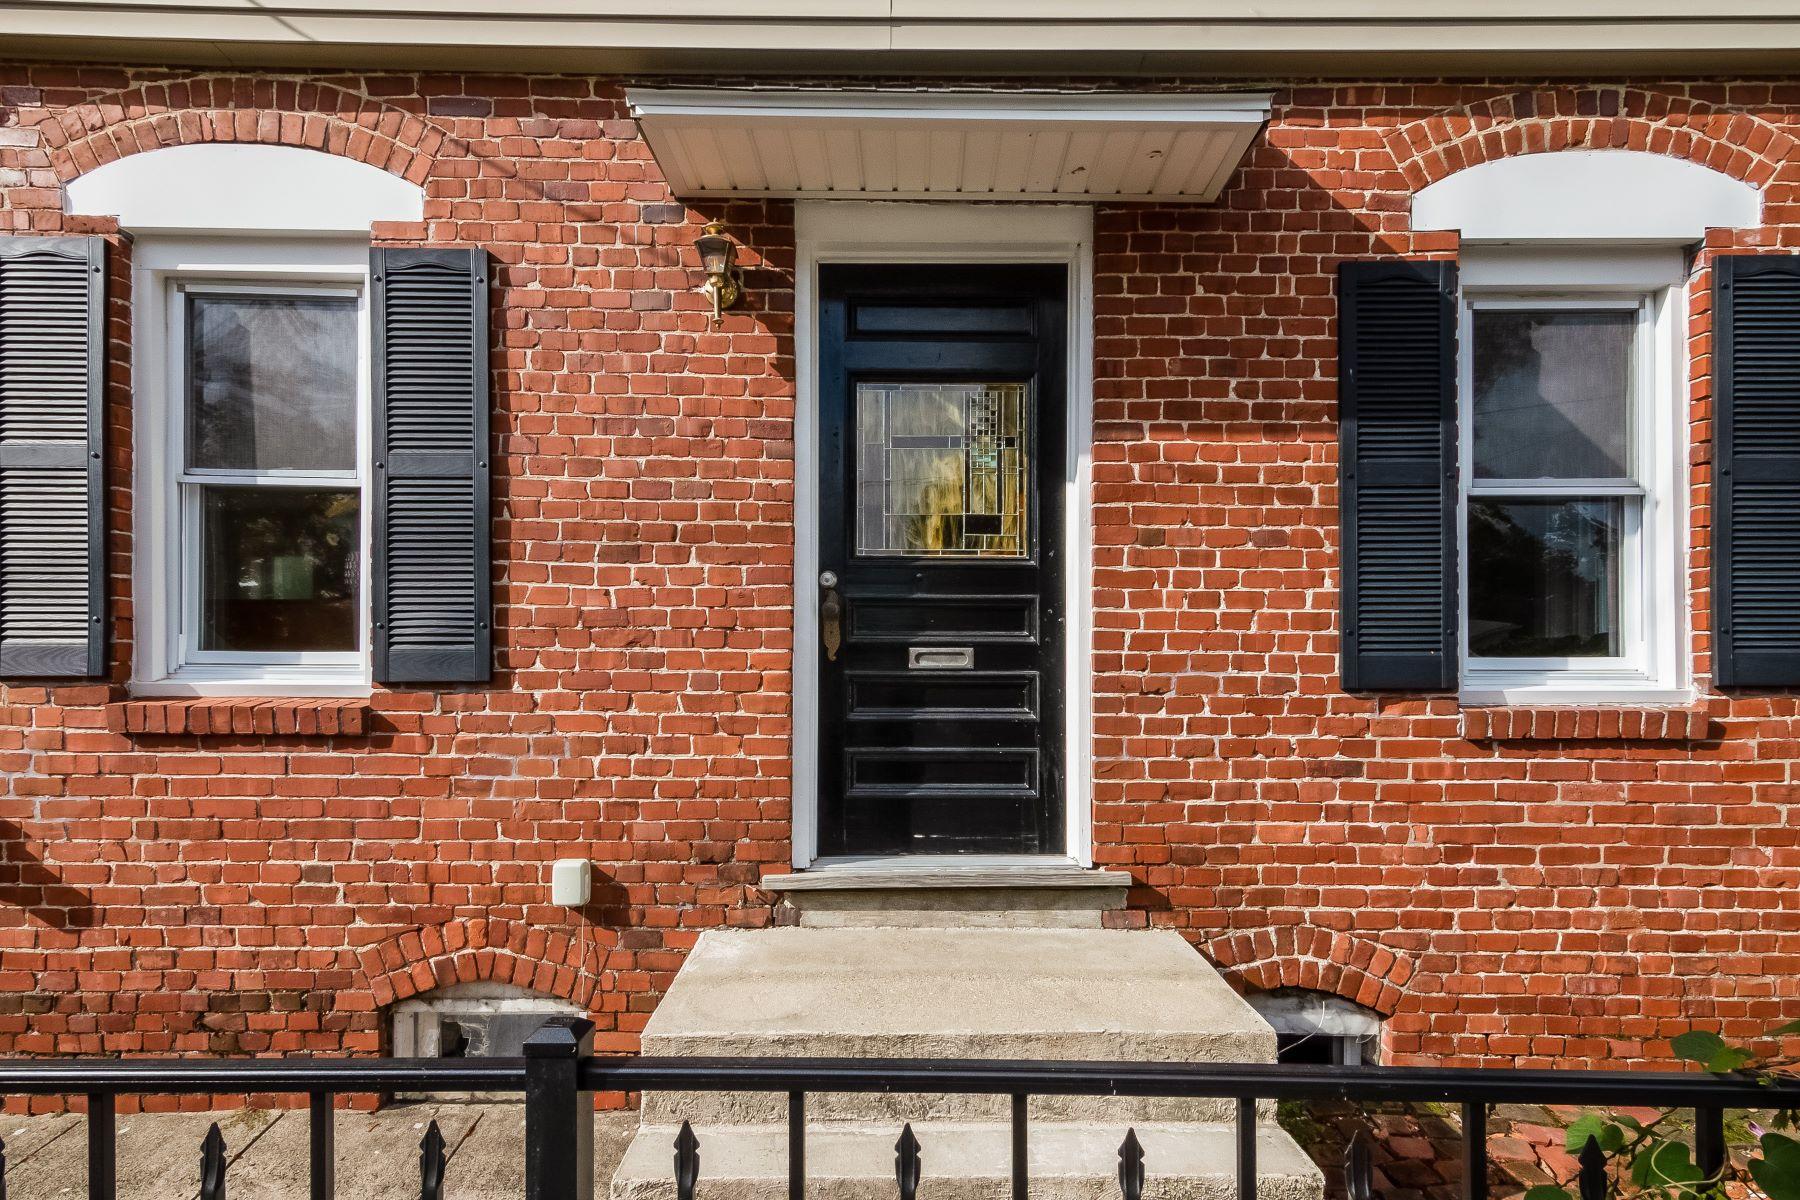 Μονοκατοικία για την Πώληση στο 68 Narragansett Av, East Providence, RI East Providence, Ροουντ Αϊλαντ 02915 Ηνωμένες Πολιτείες